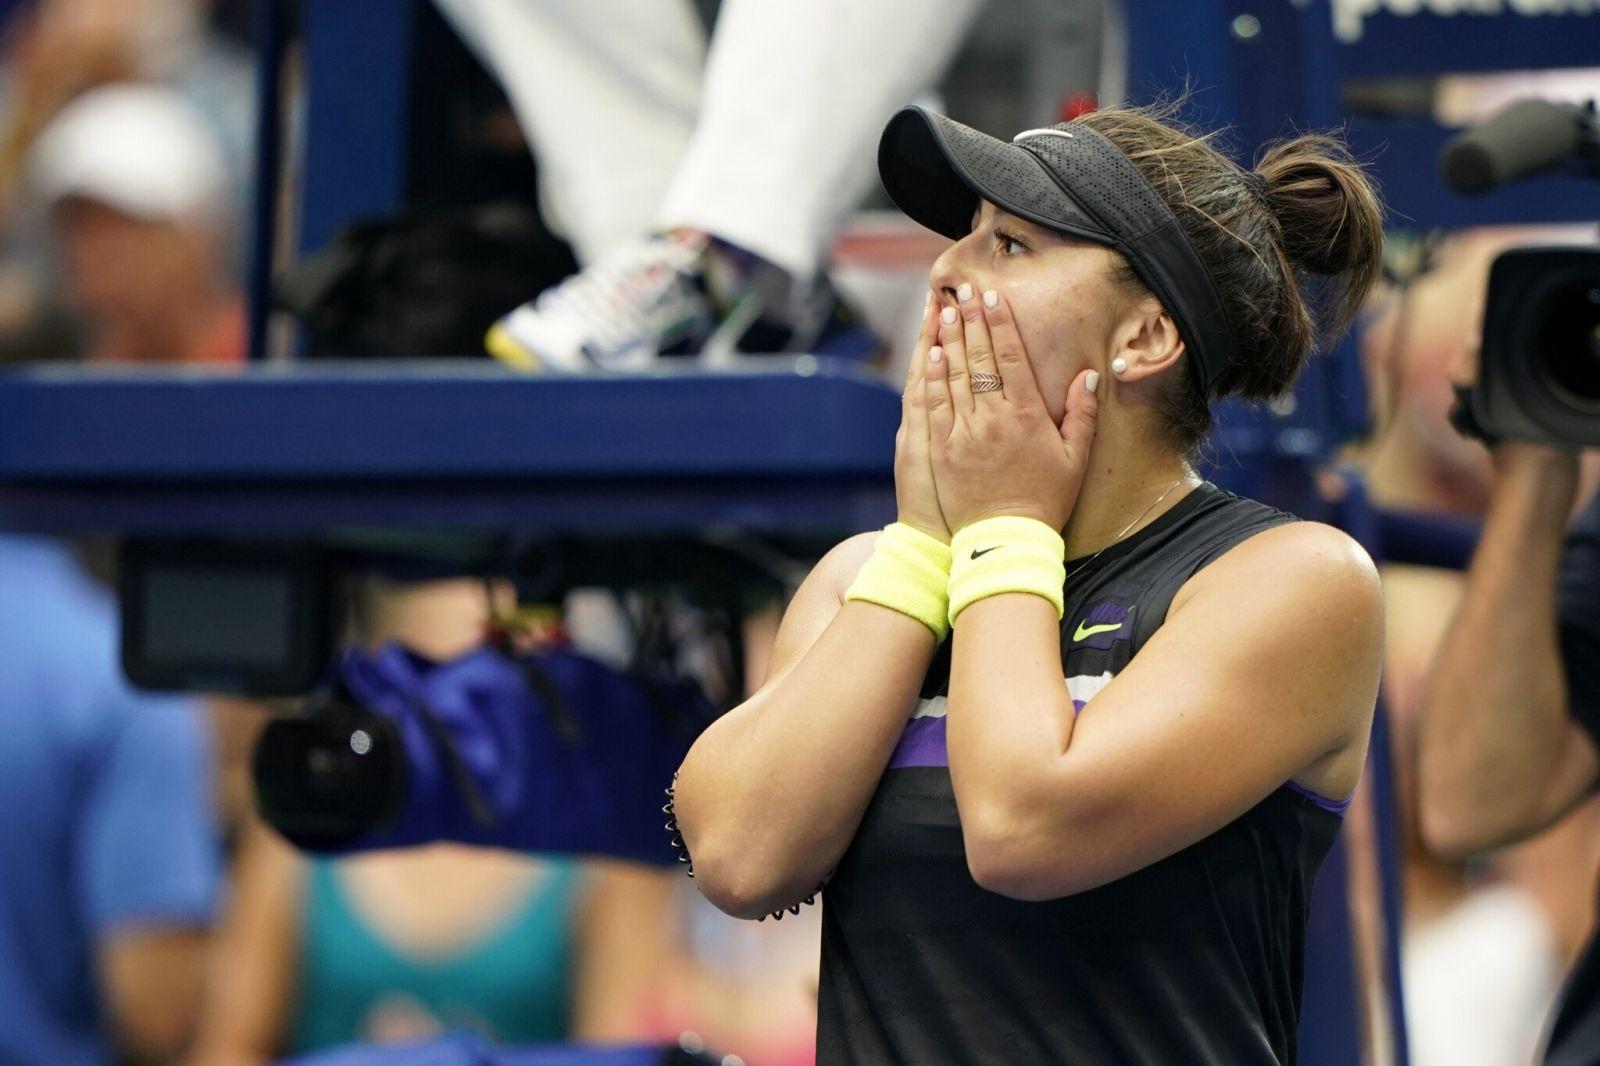 Бьянка Андрееску обыграла Серену Уильямс в финале US Open